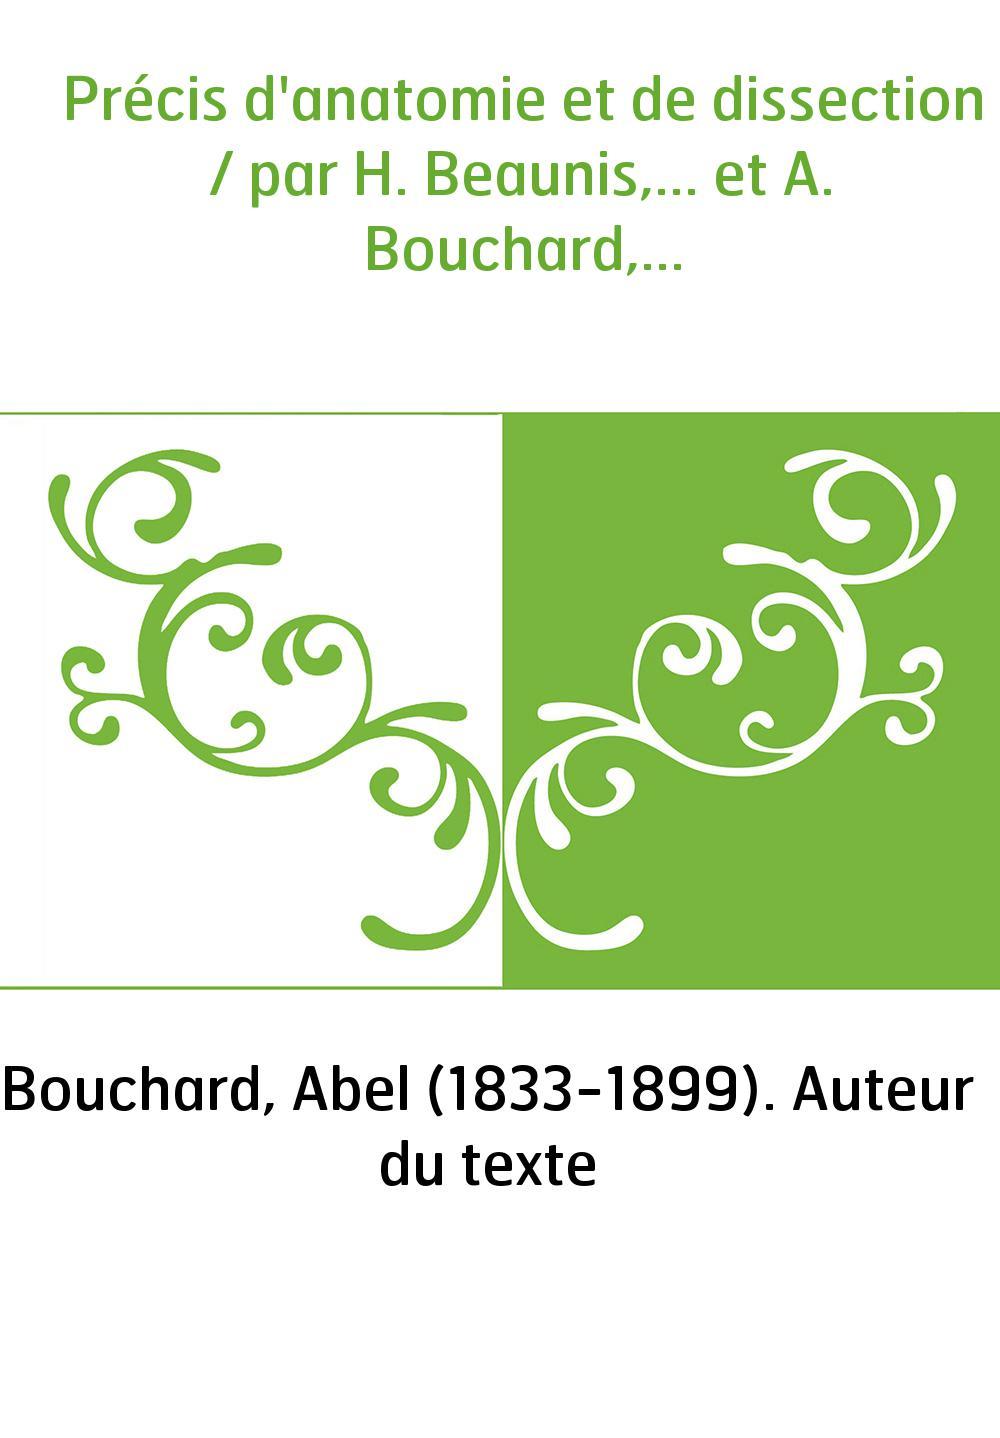 Précis d'anatomie et de dissection / par H. Beaunis,... et A. Bouchard,...